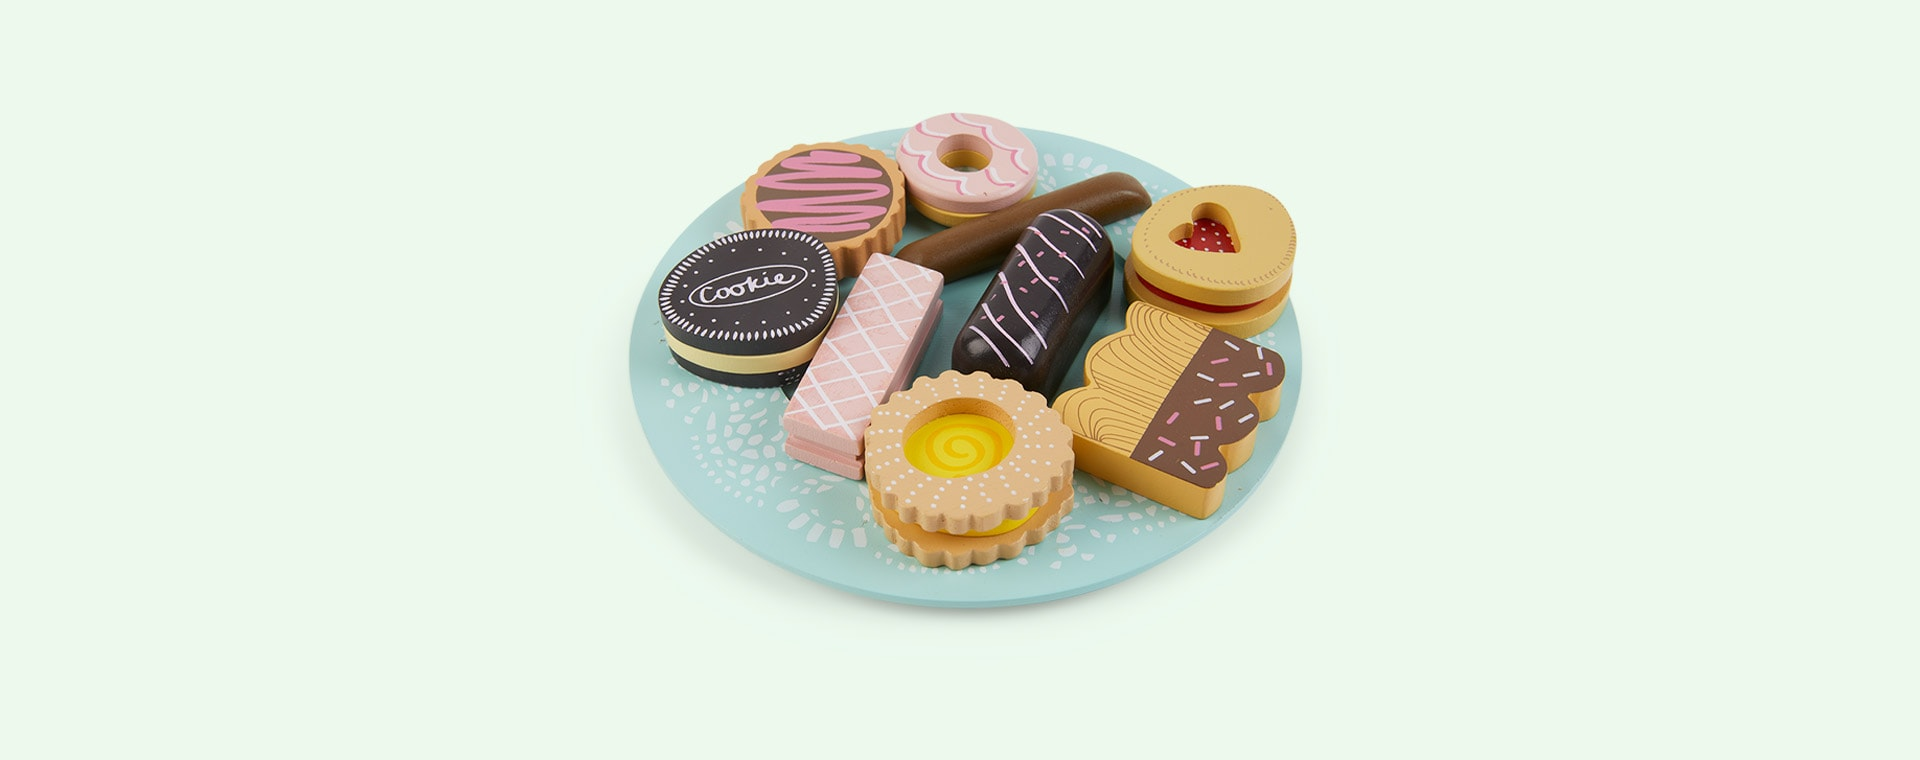 Multi Le Toy Van Biscuit Set